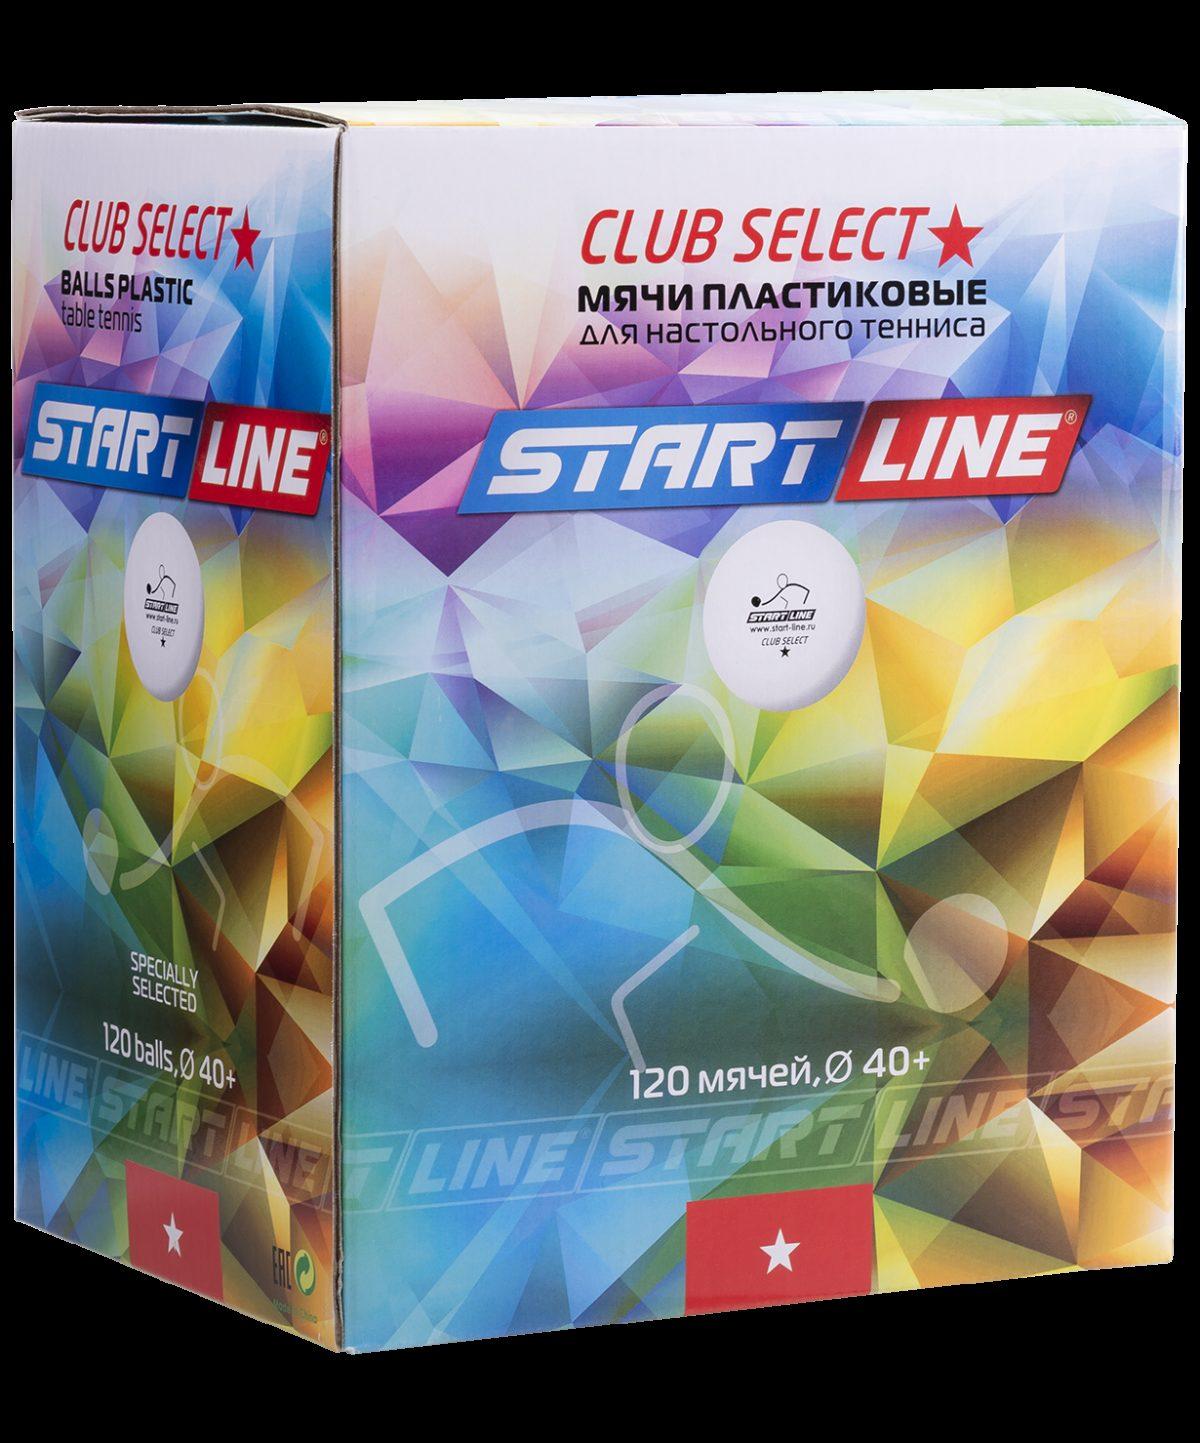 START LINE 1* Club Select мяч для настольного тениса - 2